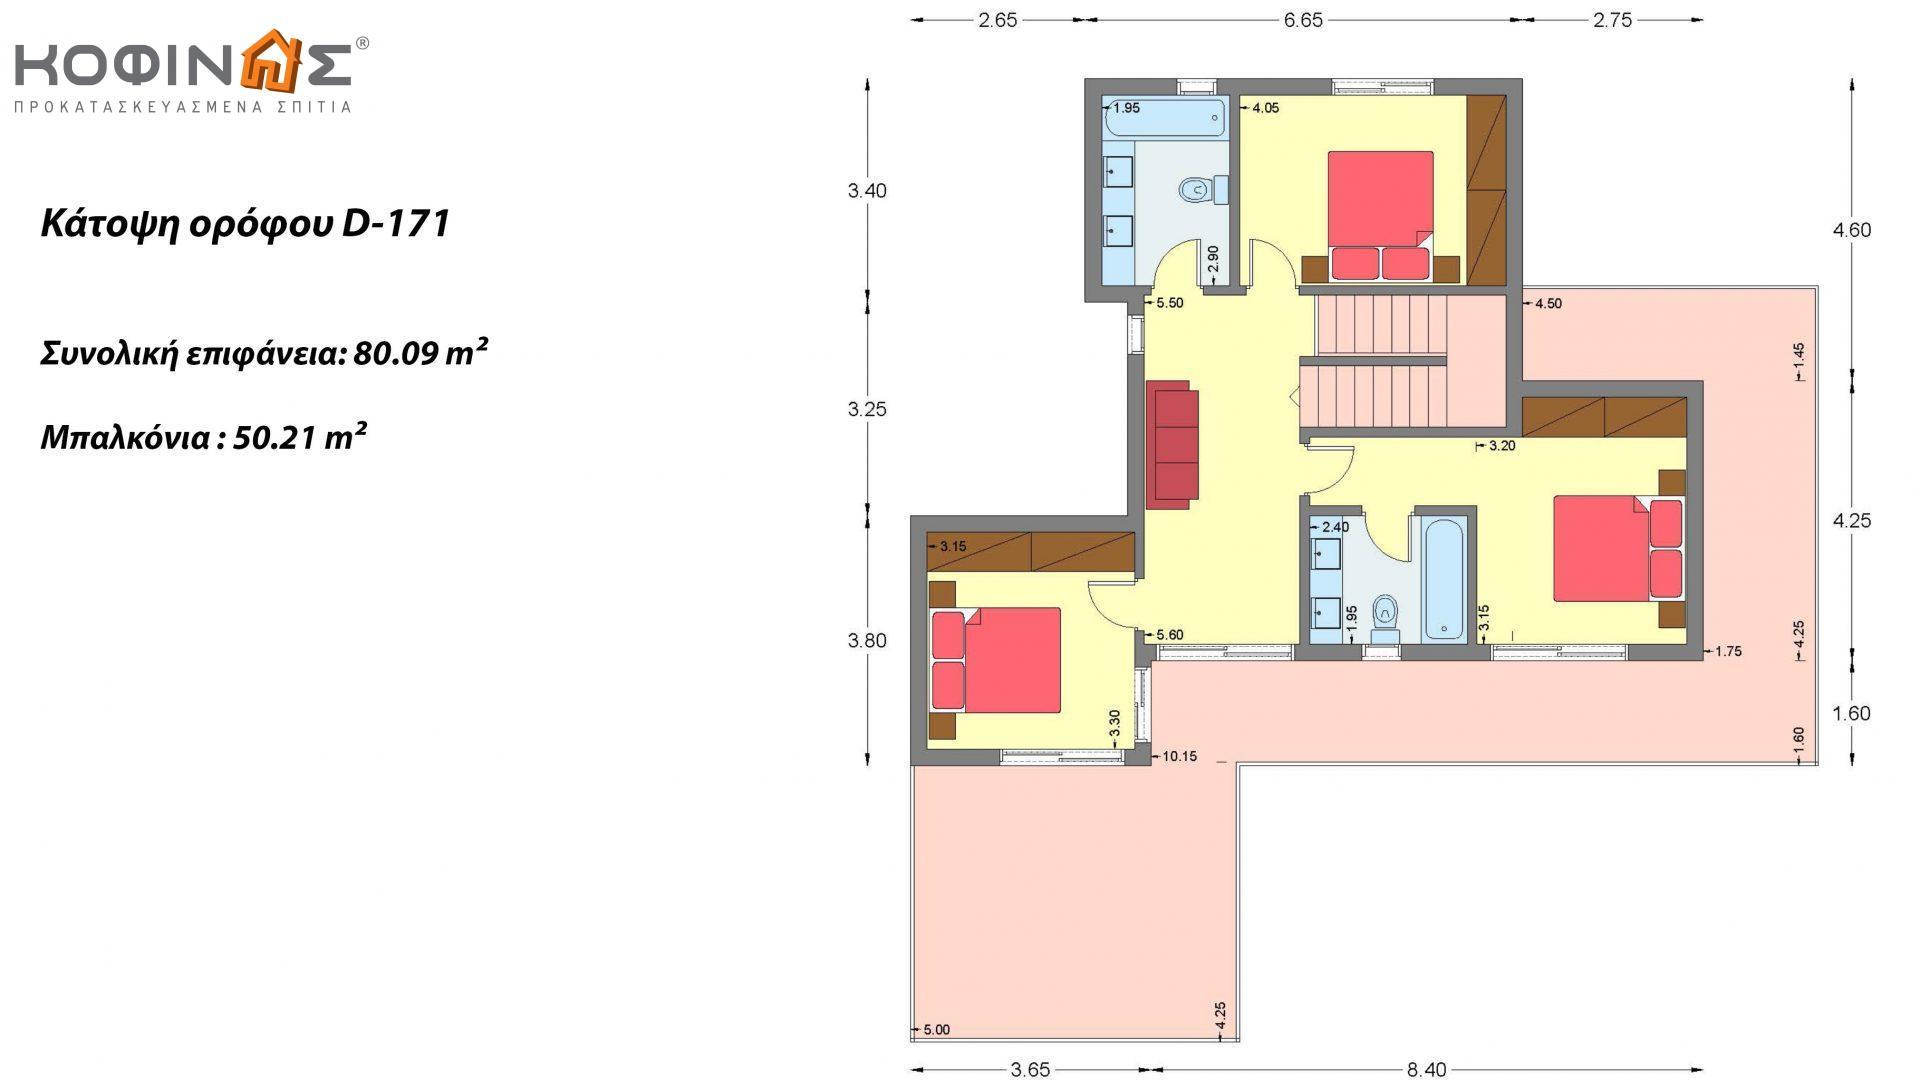 Διώροφη Κατοικία D-165 συνολικής επιφάνειας 165,54 τ.μ.